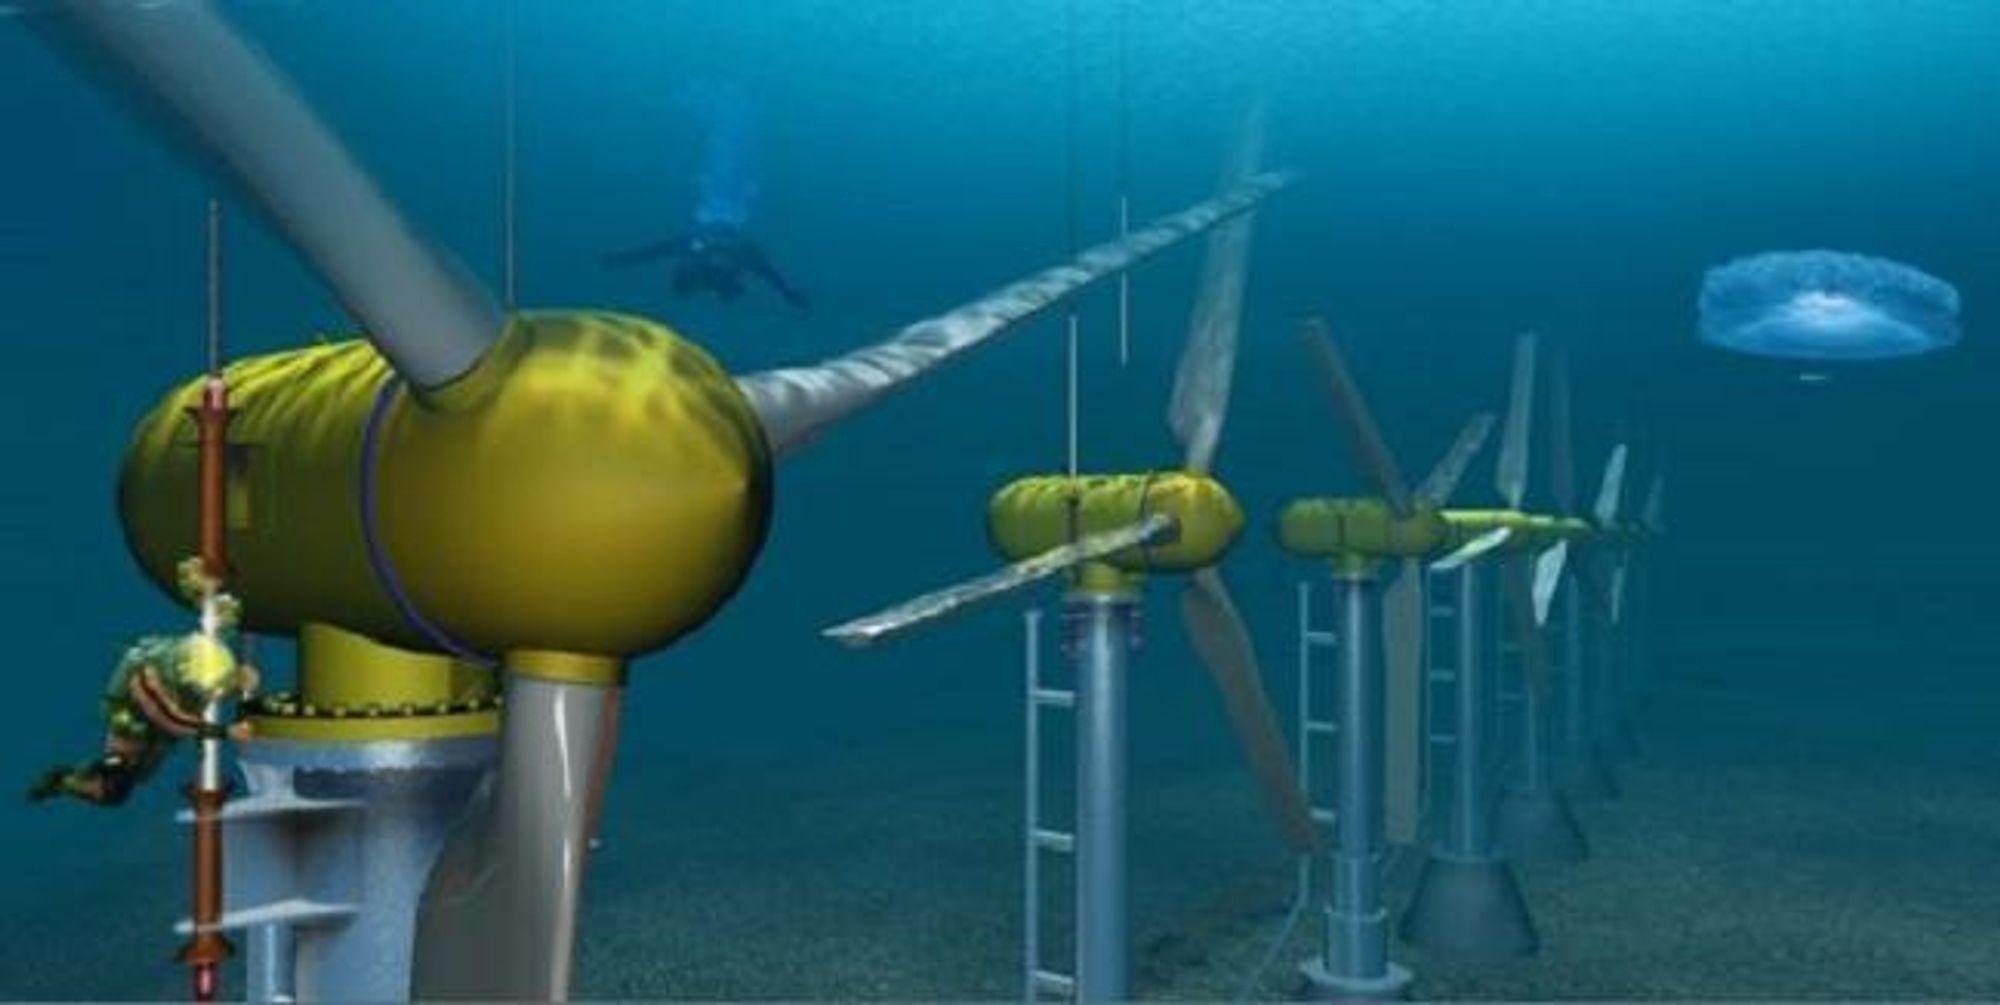 DOBBELT STØTTE: Høyre advarer mot å gi både elsertifikater og investeringsstøtte til umoden teknologi, fordi det kan forstyrre elsertifikatmarkedet slik at Norge ikke får sin andel av elsertifikatkaka. Illustrasjonen fra Hammerfest strøm viser en 1 MW tidevannsturbin.